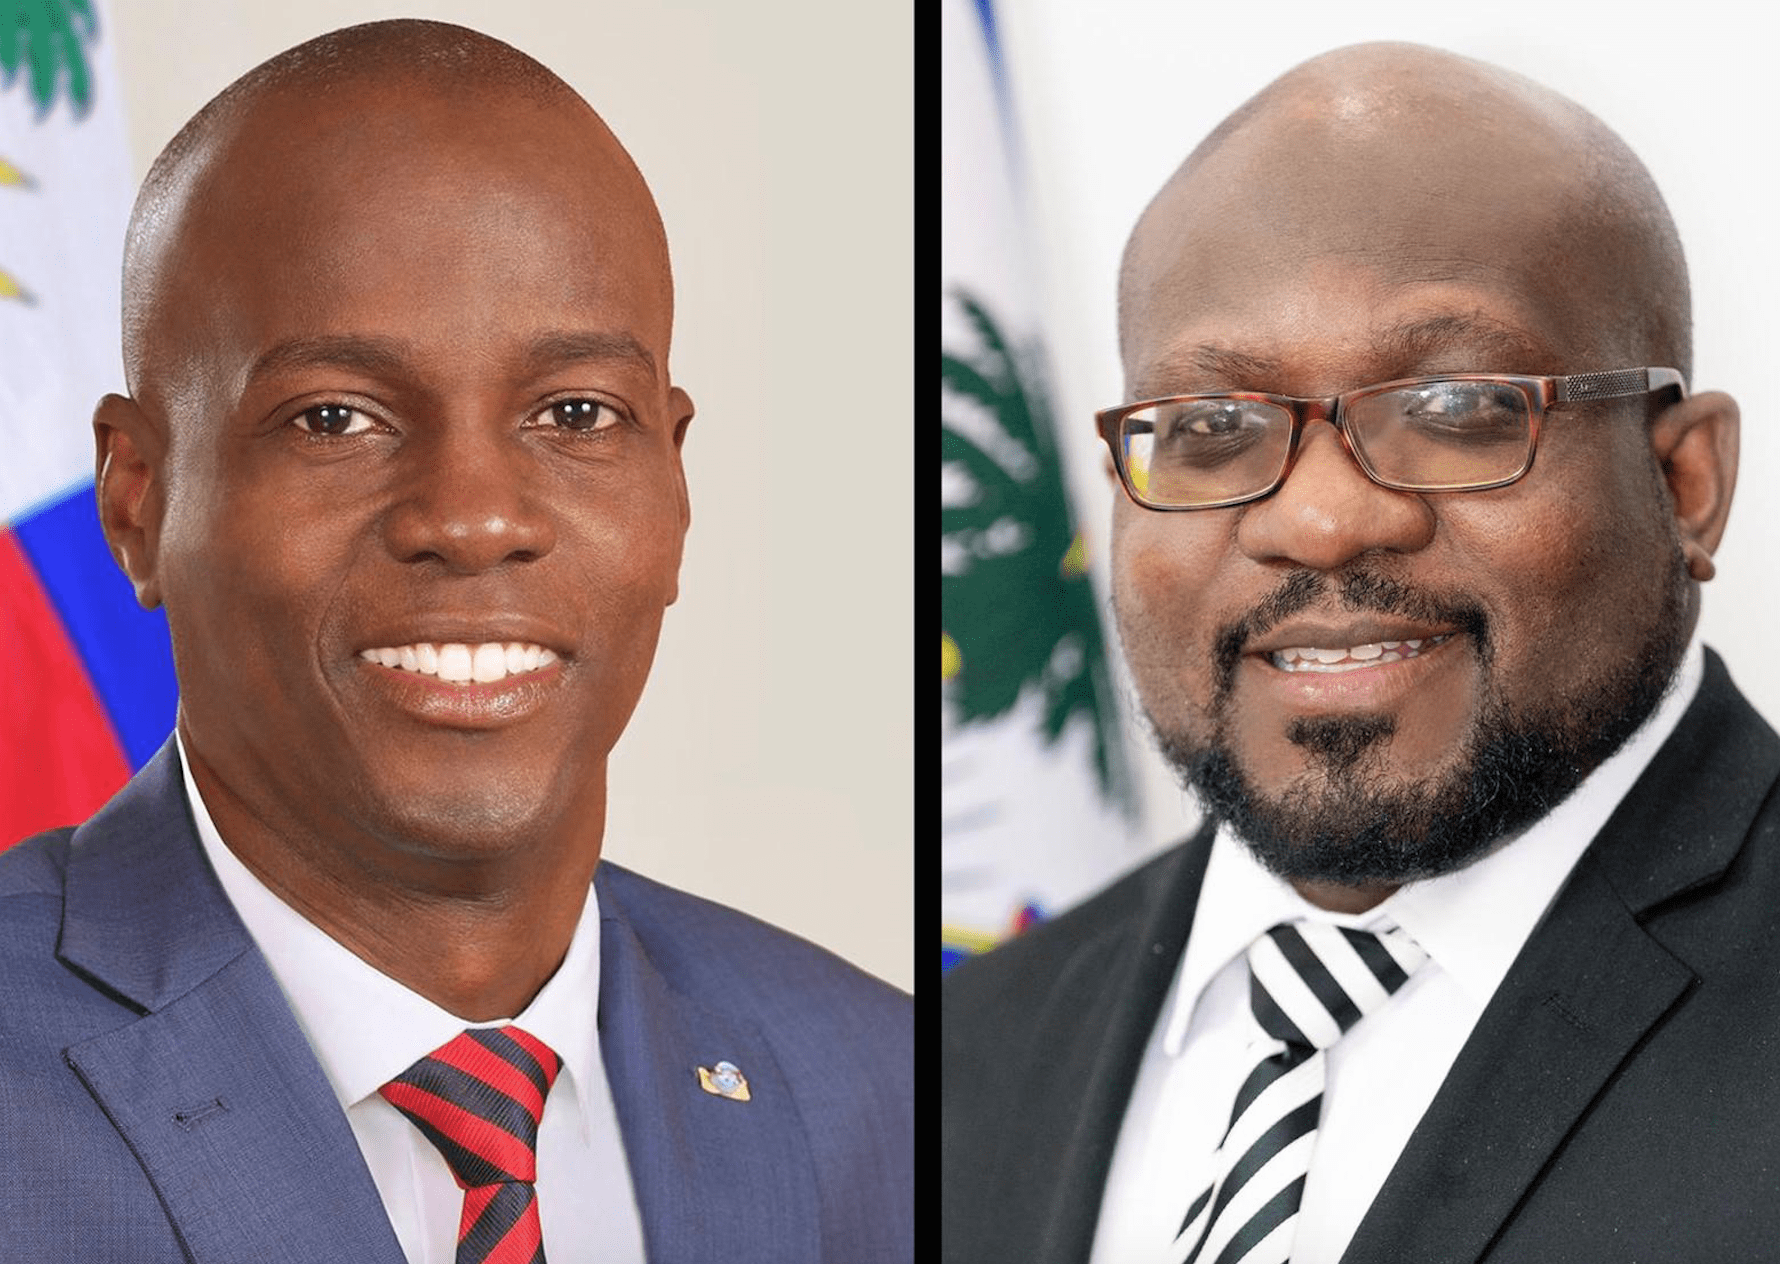 Mediante un comunicado el embajador Smith señala que la Embajada de Haití en República Dominicana se enteró con tristeza y asombro de que «un golpe de Estado iba a derrocar al presidente Jovenel Moïse, elegido democráticamente por cinco años y que llegó al poder el 7 de febrero de 2017